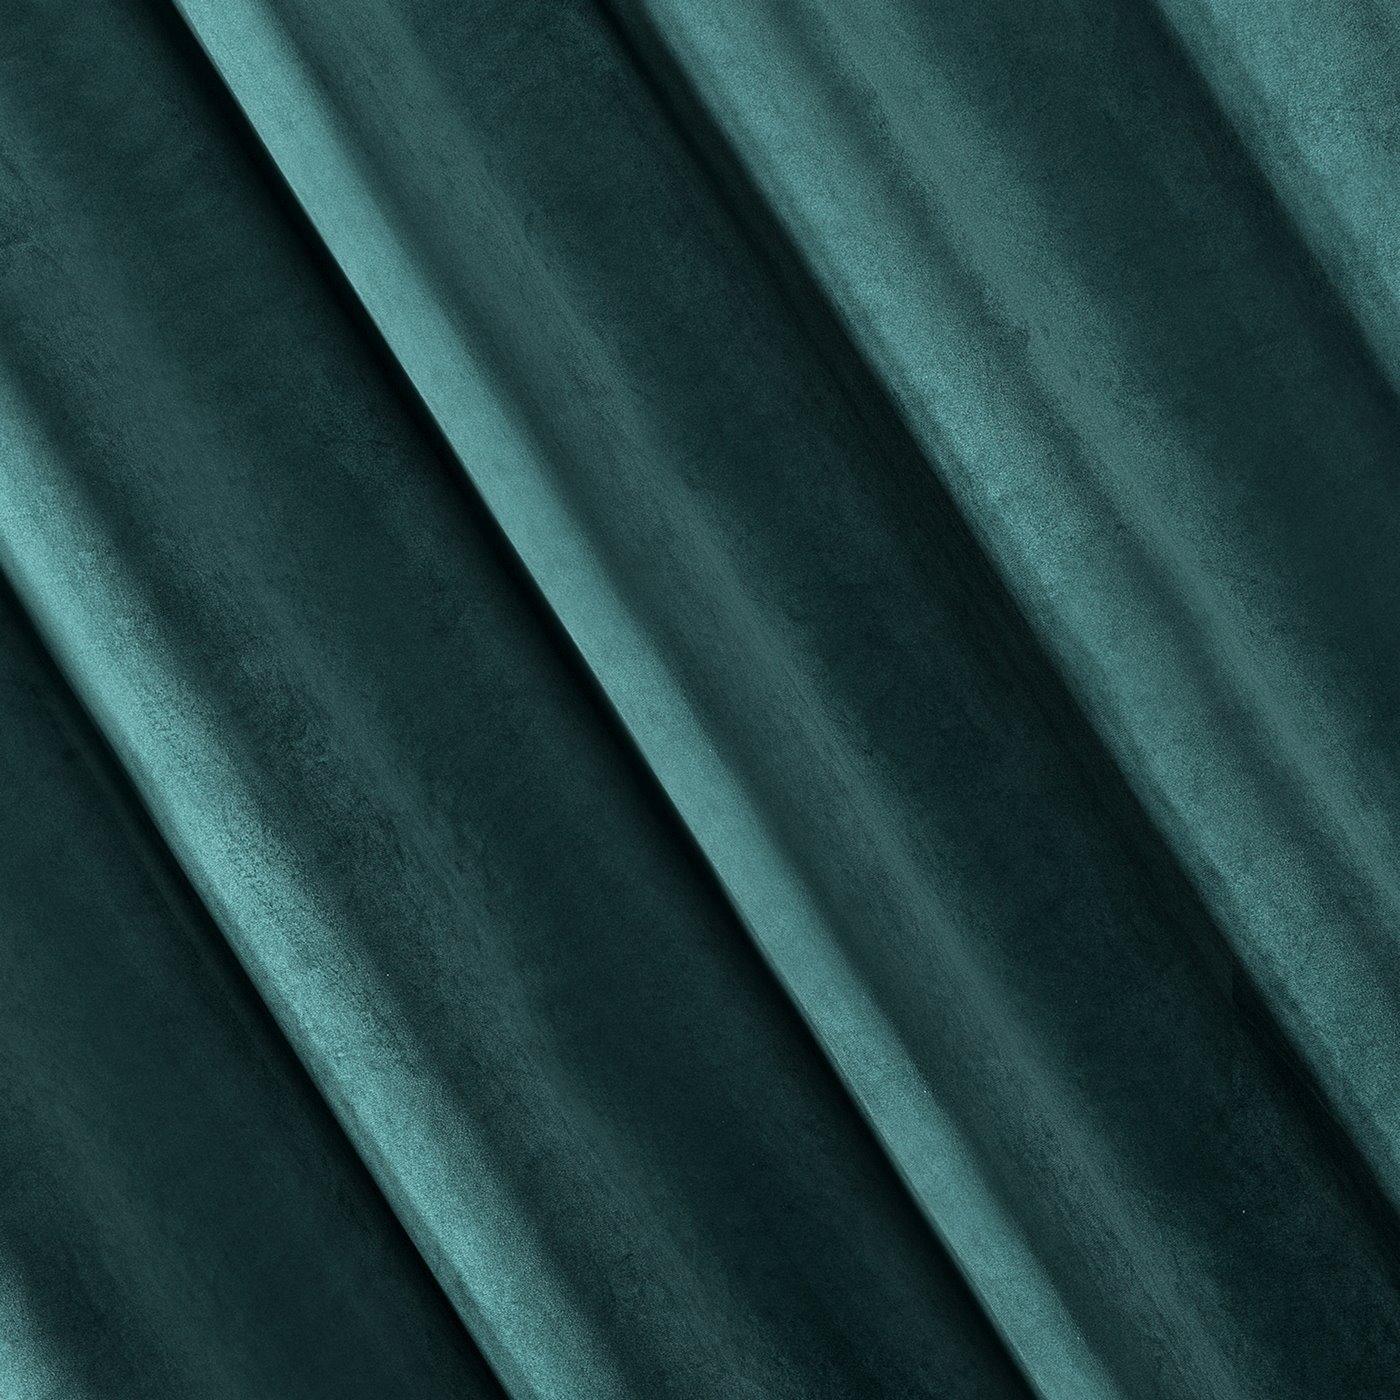 Zasłona welwetowa 140X270 cm na taśmie ciemnoturkusowa